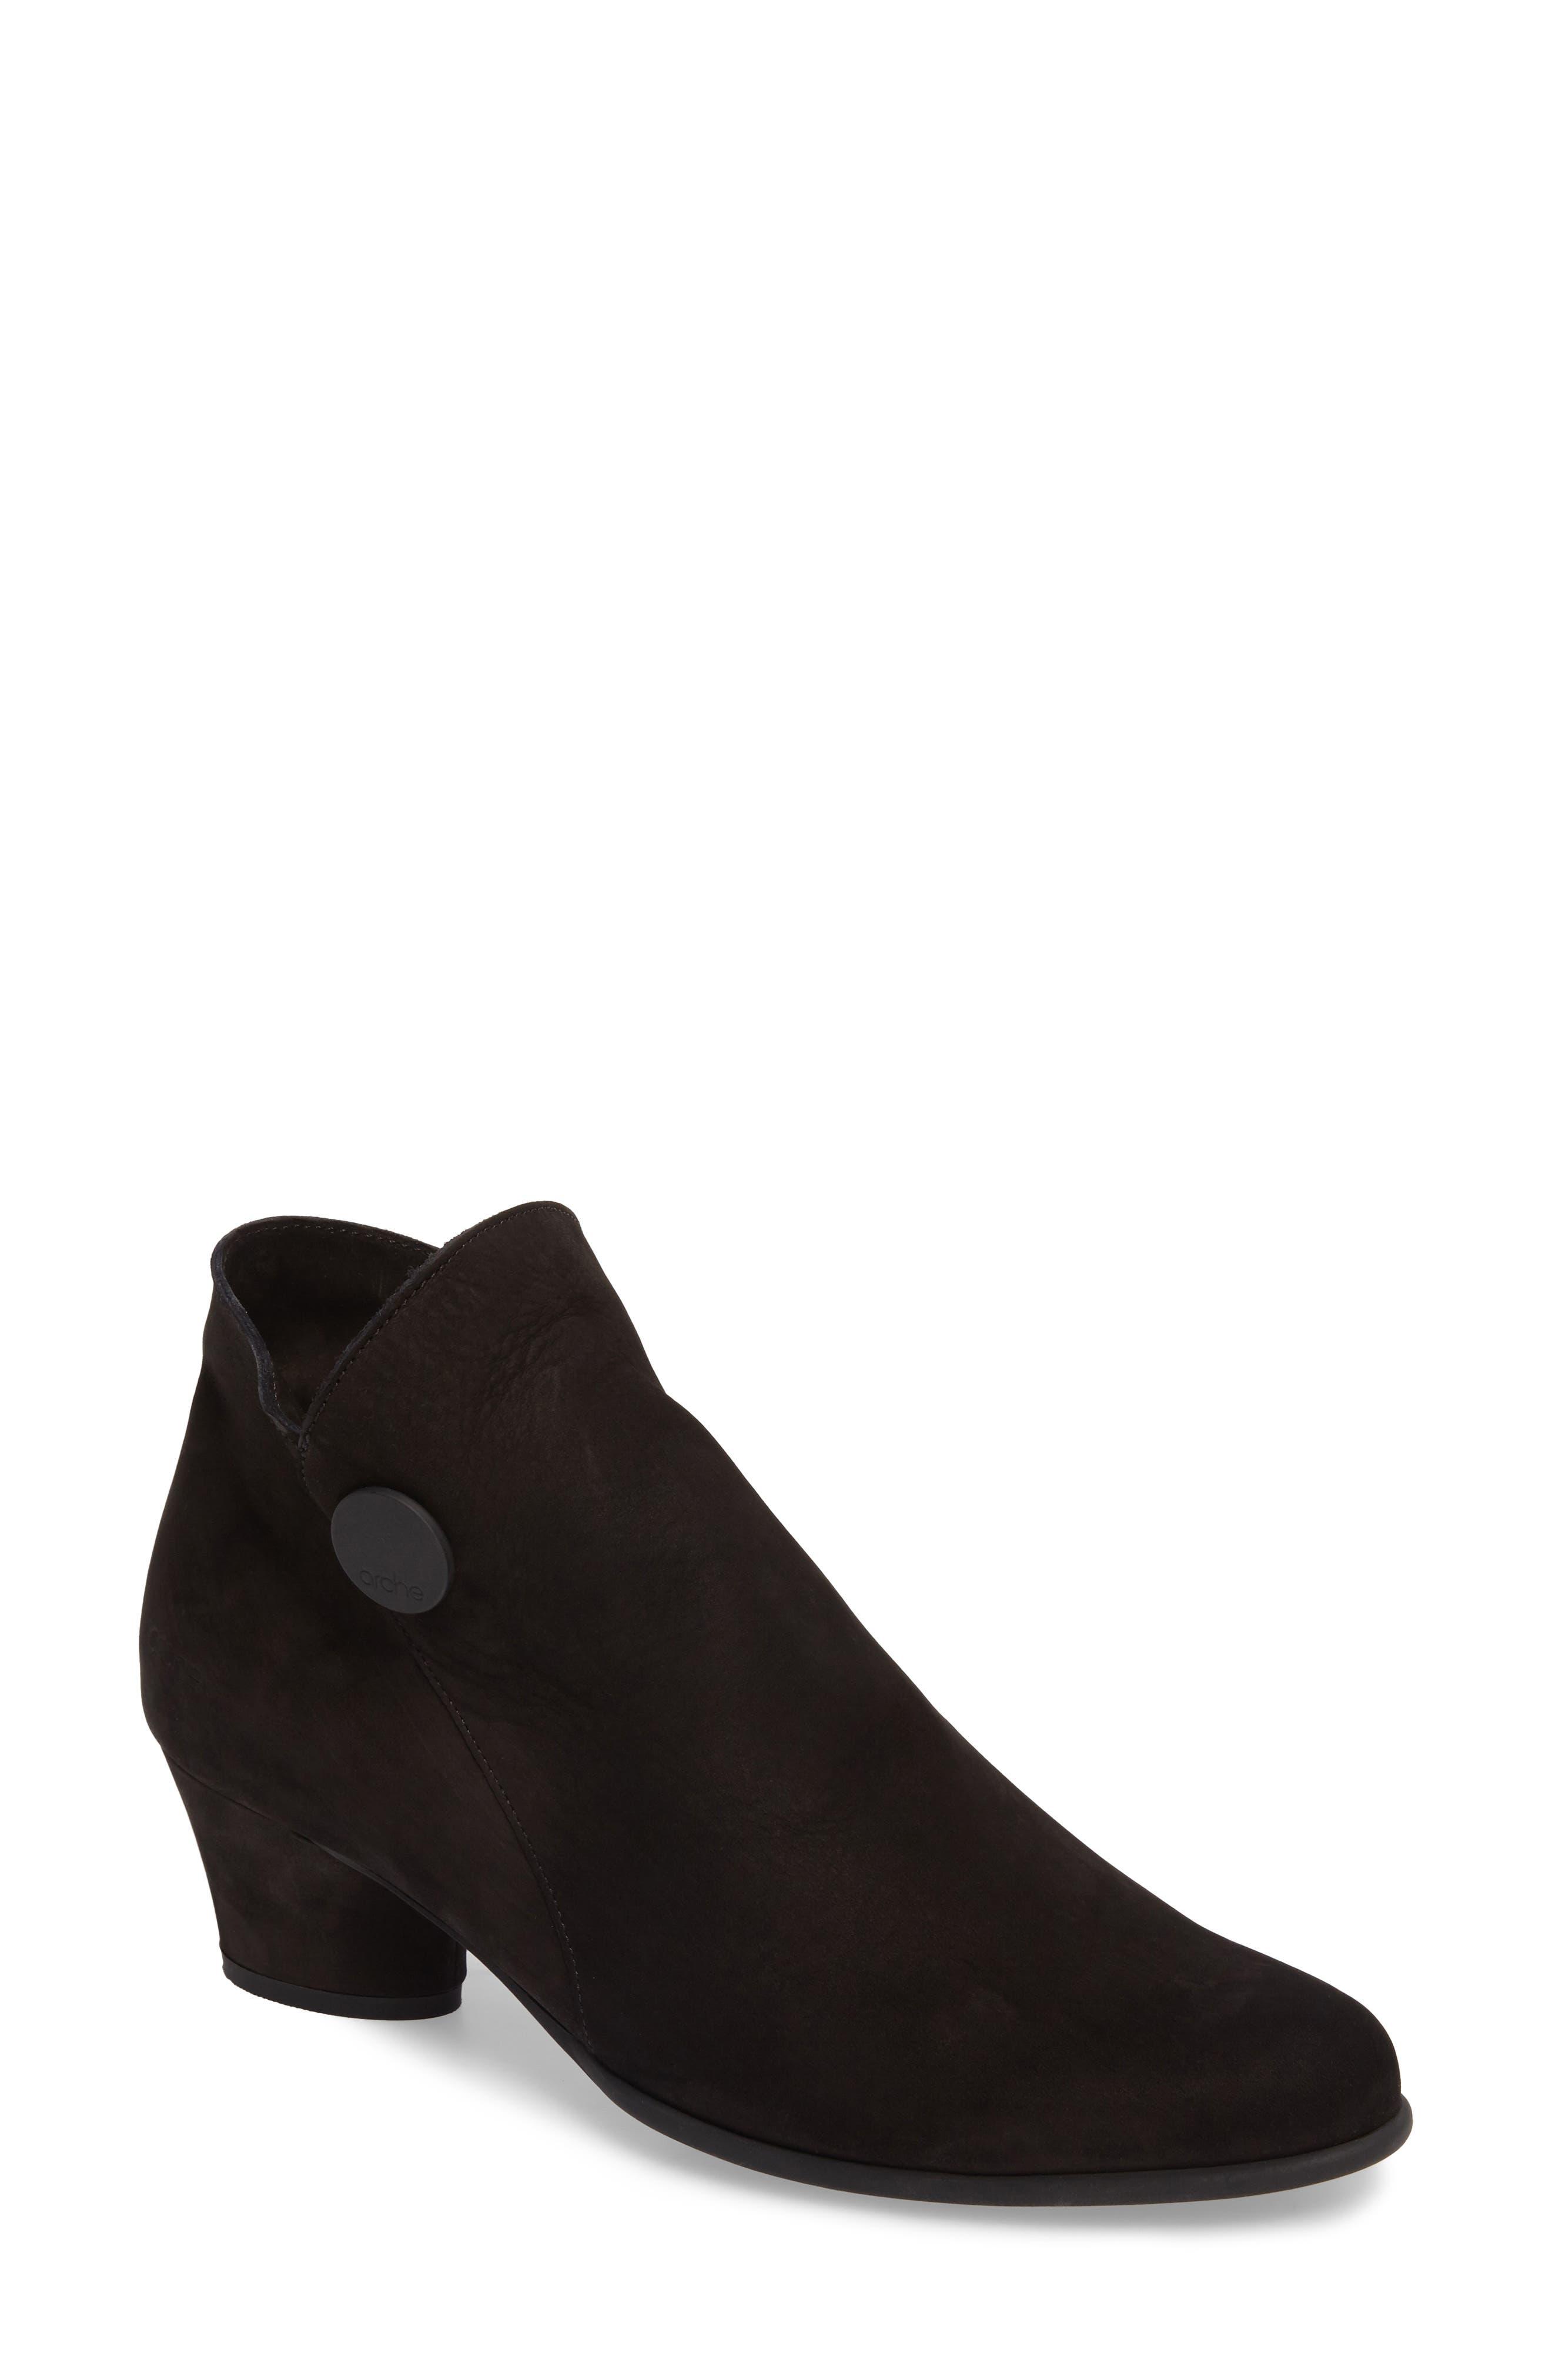 Mussem Water Resistant Bootie,                             Main thumbnail 1, color,                             Noir Nubuck Leather